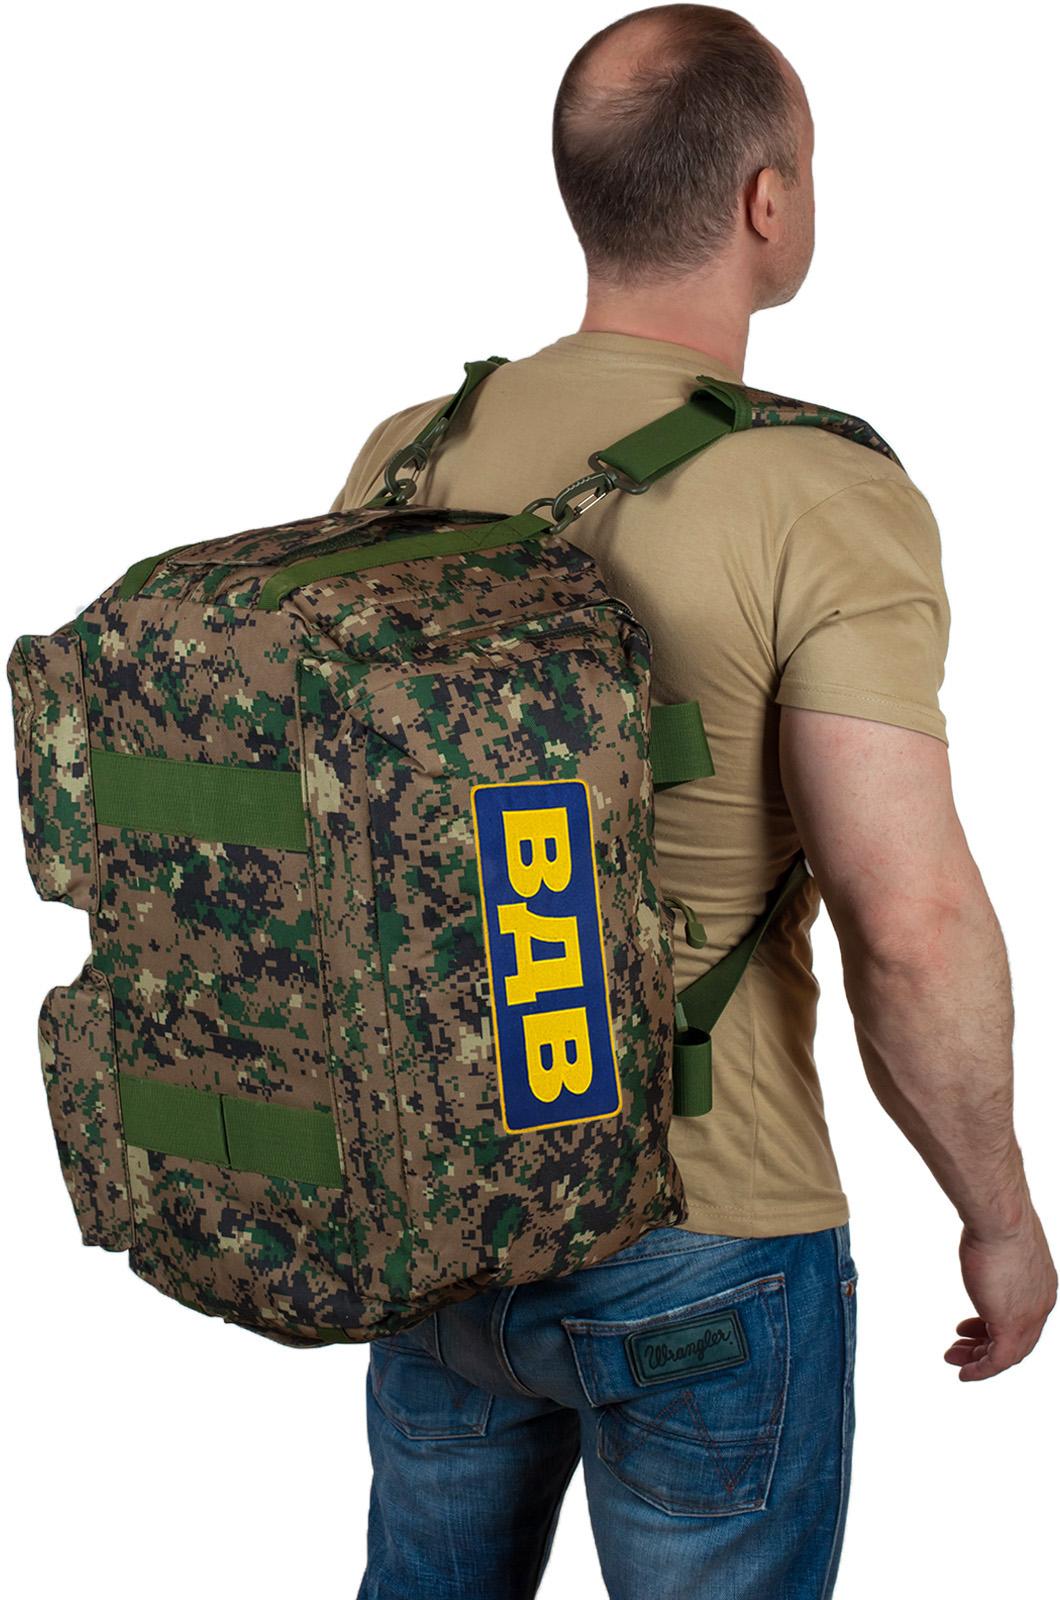 Недорогие армейские сумки с нашивкой ВДВ